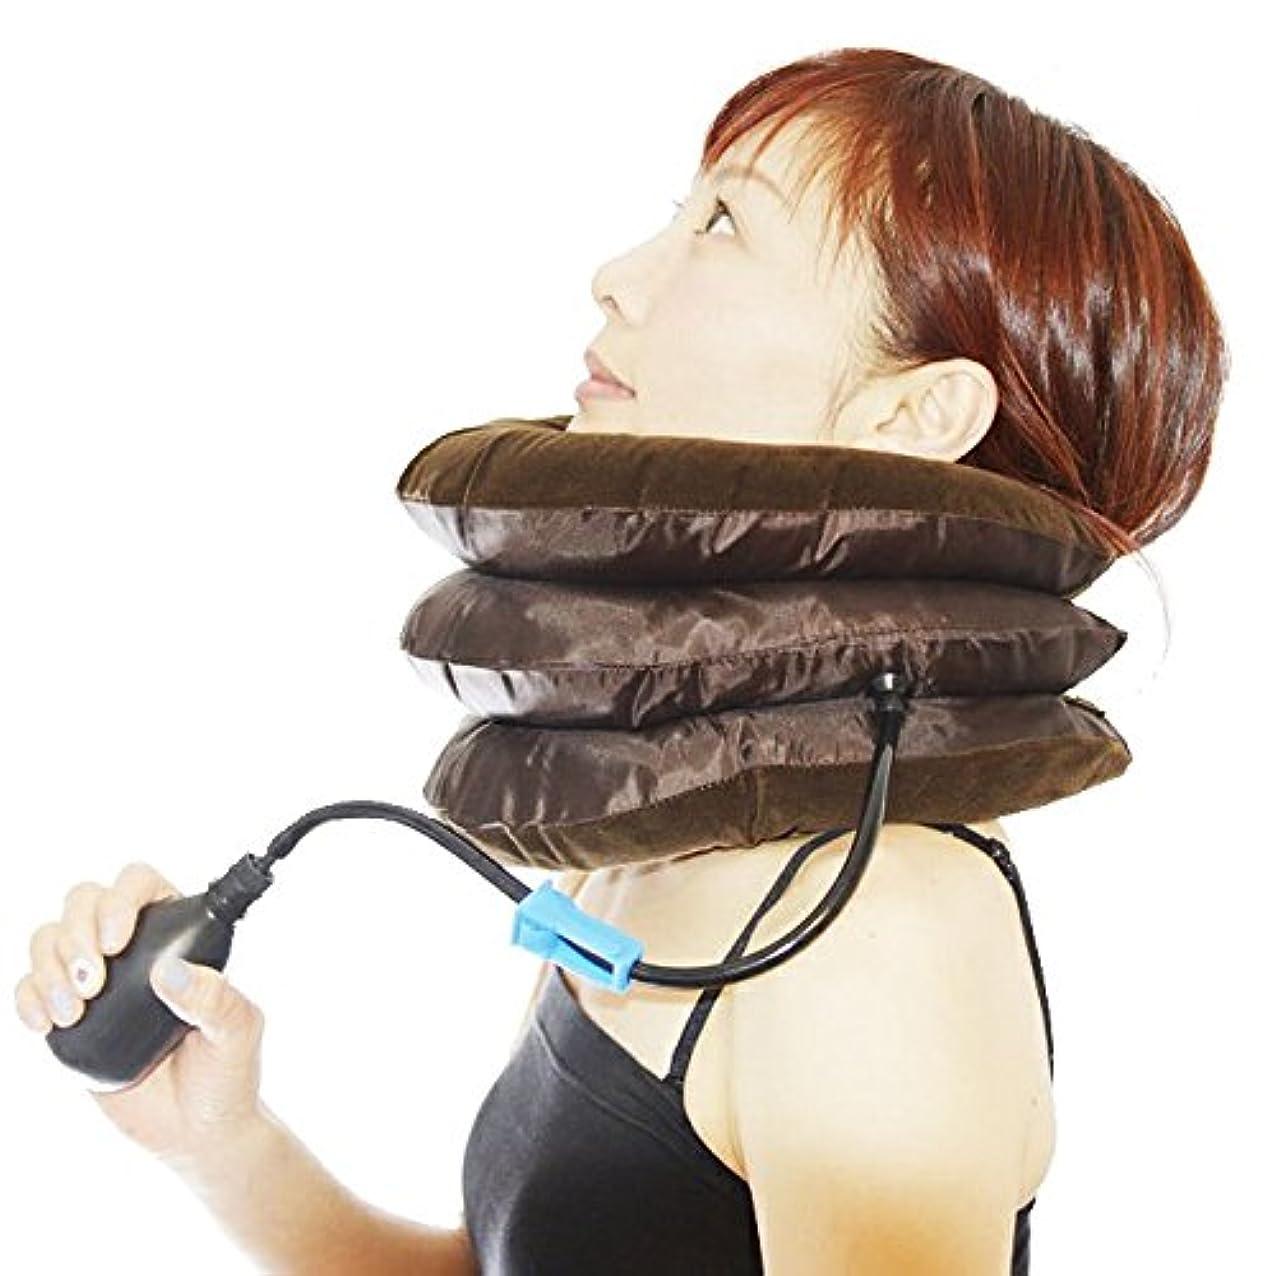 ベーコンパントリーリンケージネックサポーター ネックストレッチャー 首枕 首伸ばし